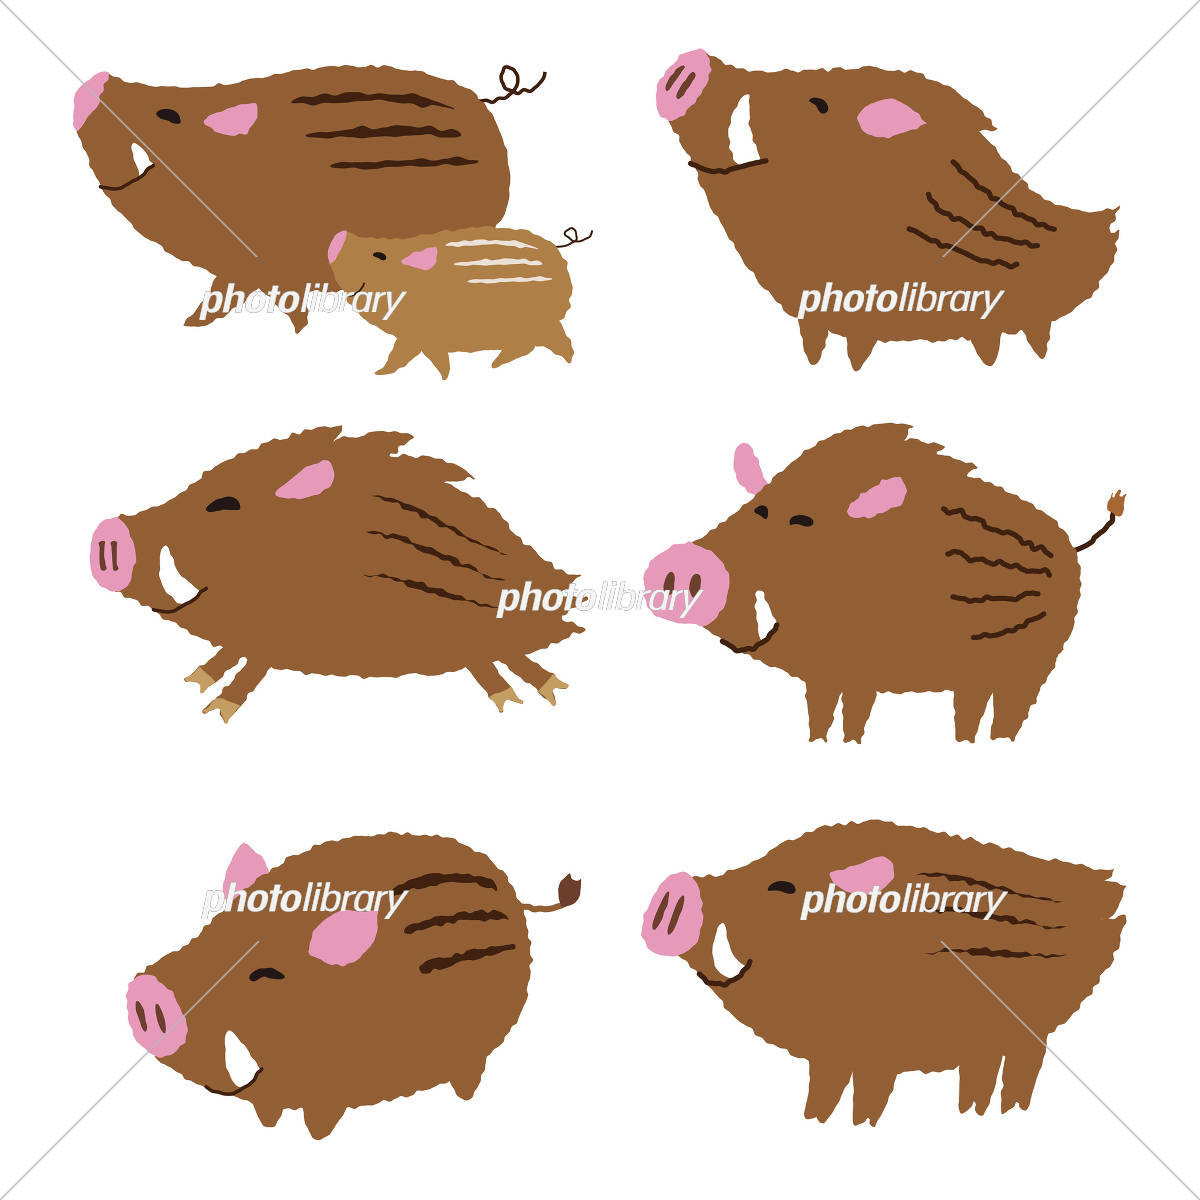 猪のイラスト 亥年 年賀状素材 干支動物 イラスト素材 [ 5699678